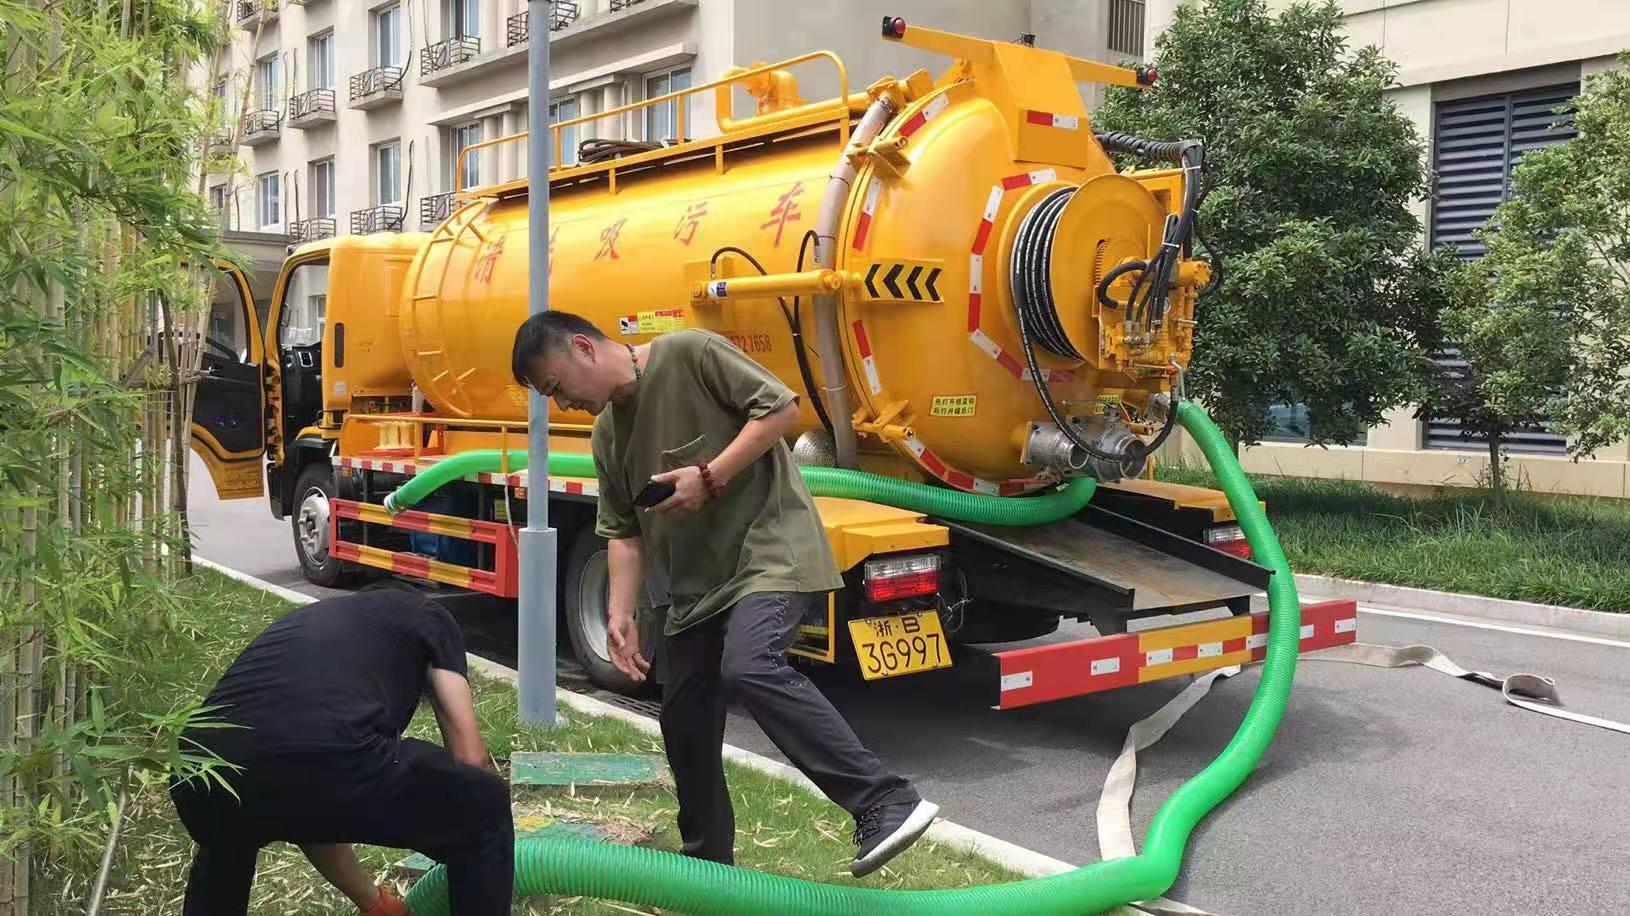 东风大多利卡清洗吸污车价格 清洗吸污车多少钱?